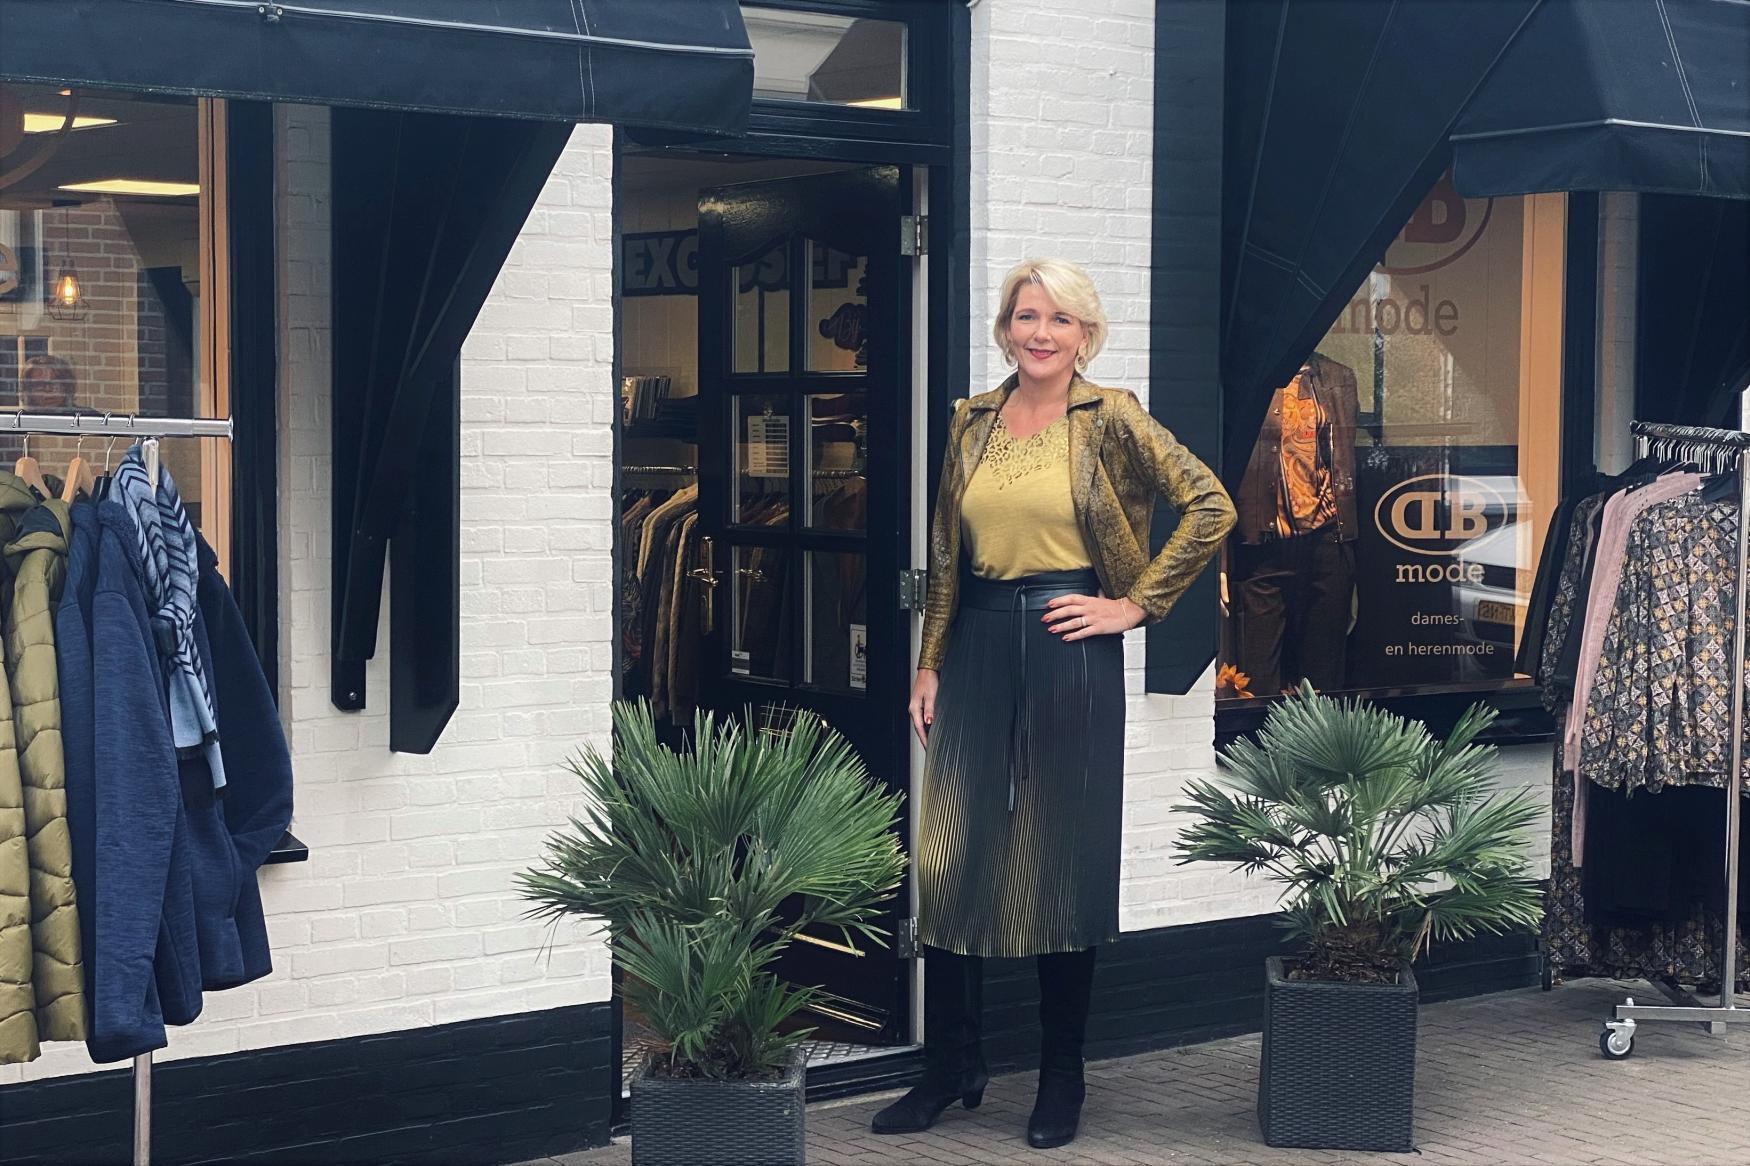 DB Mode oktober 2020 01 - Daniëlle voor de winkel